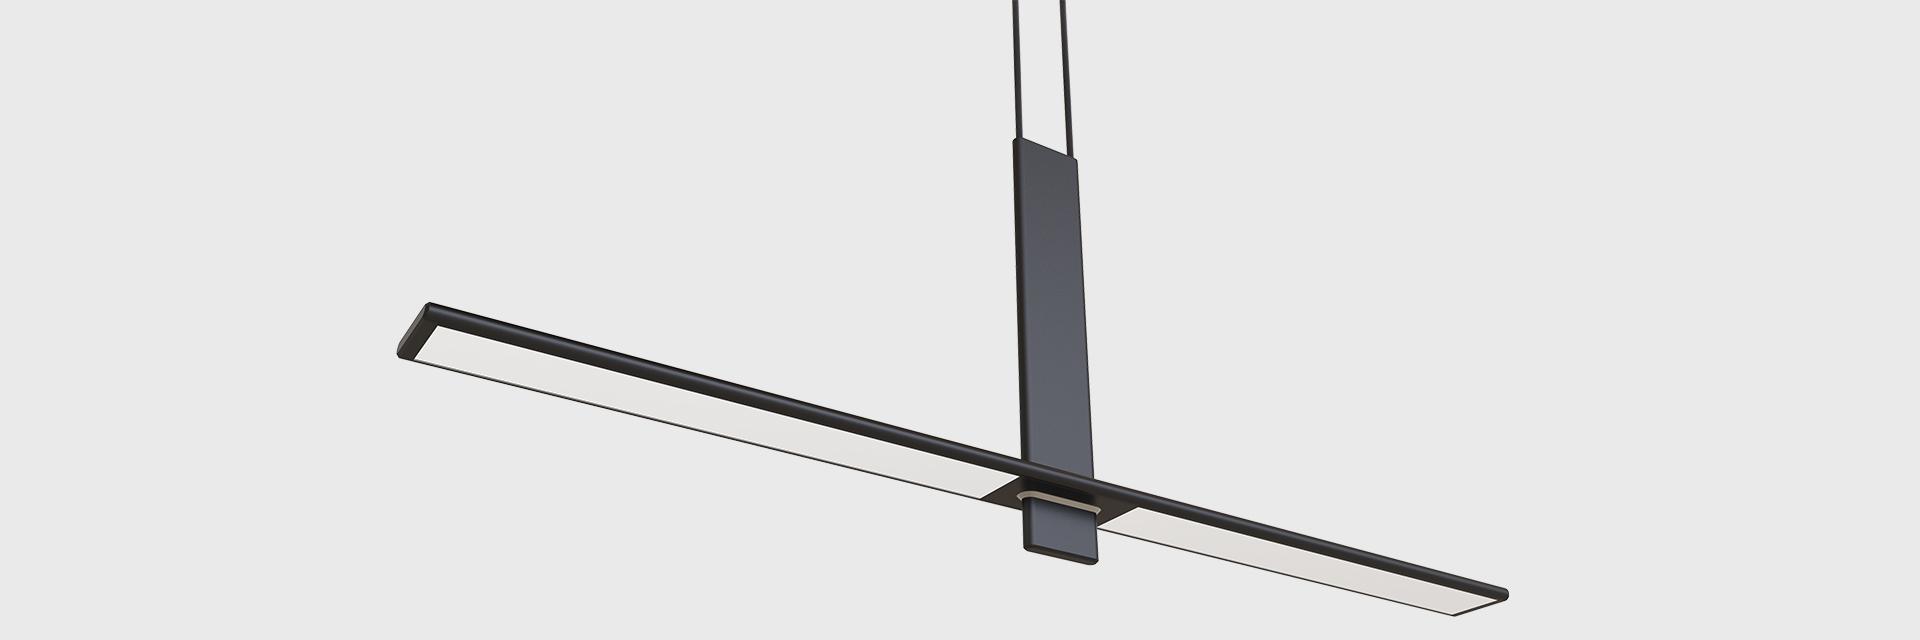 Pendant Lighting Poise Led Linear Suspended Series Zentem